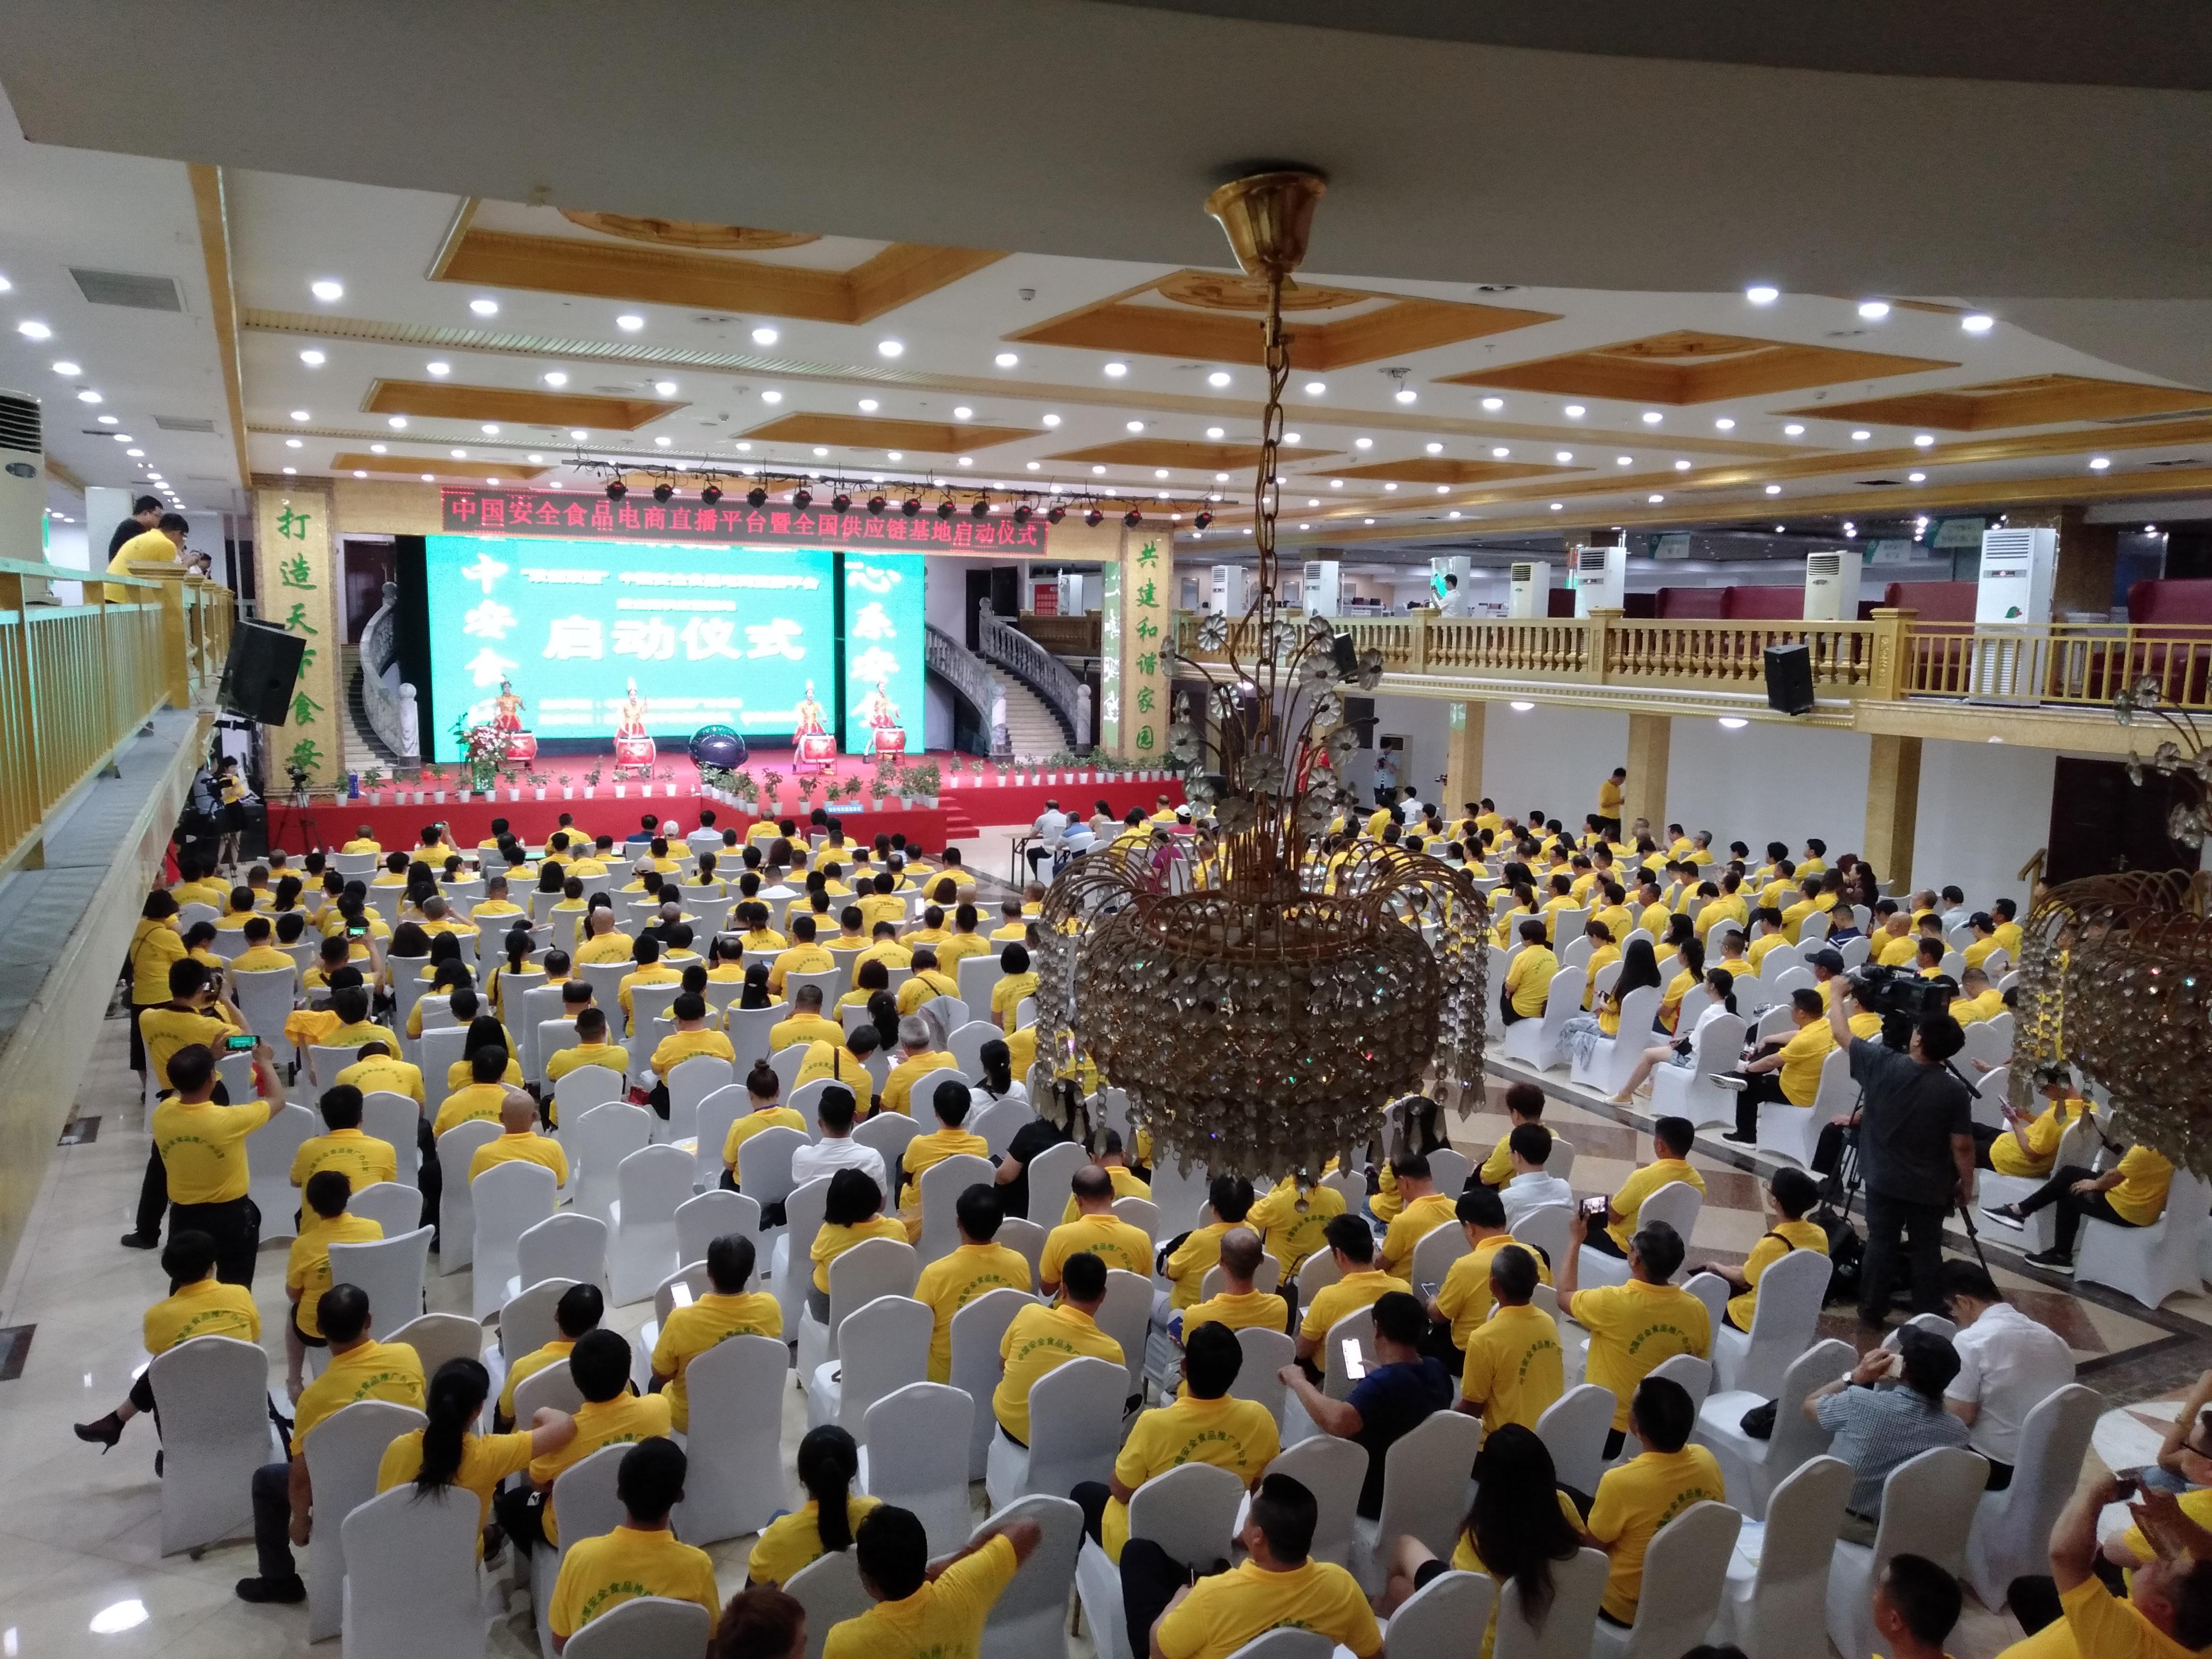 中国安全食品电商直播平台暨供应链基地启动大会在白沟举行